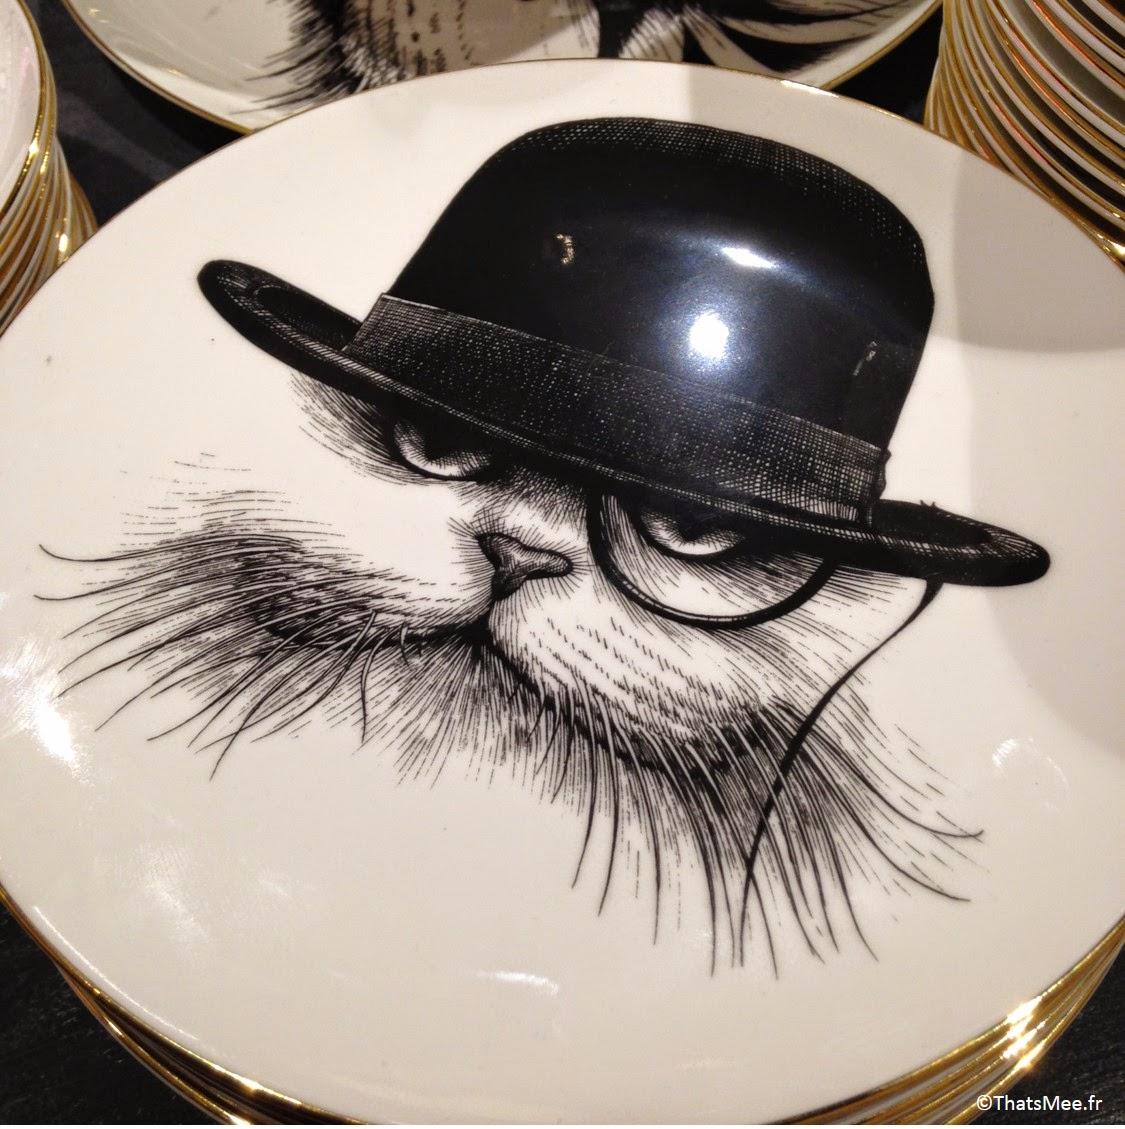 vaisselle assiette céramique noir et blanc chat noir blanc monocle chapeau ssu Liberty London magasin Regent Street